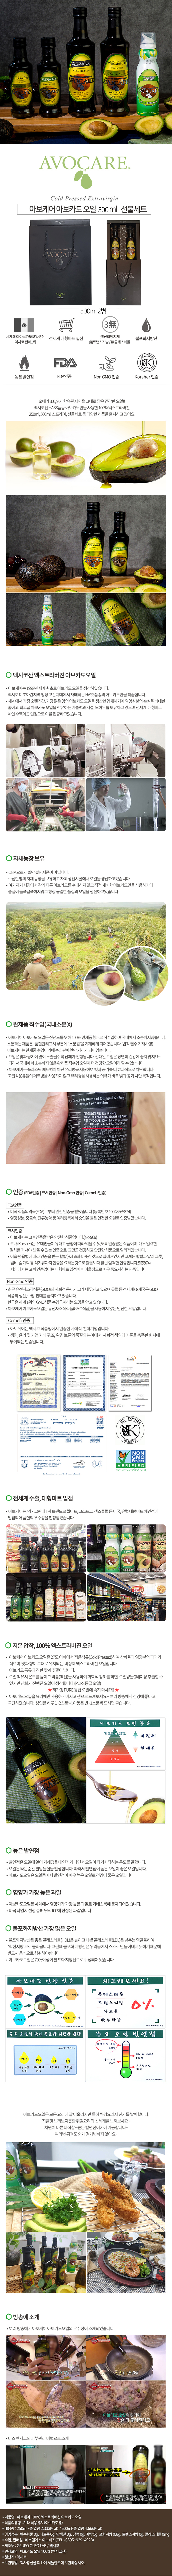 아보케어-아보카도오일-500mlX2P-선물세트-상세이미지 - 복사본.jpg